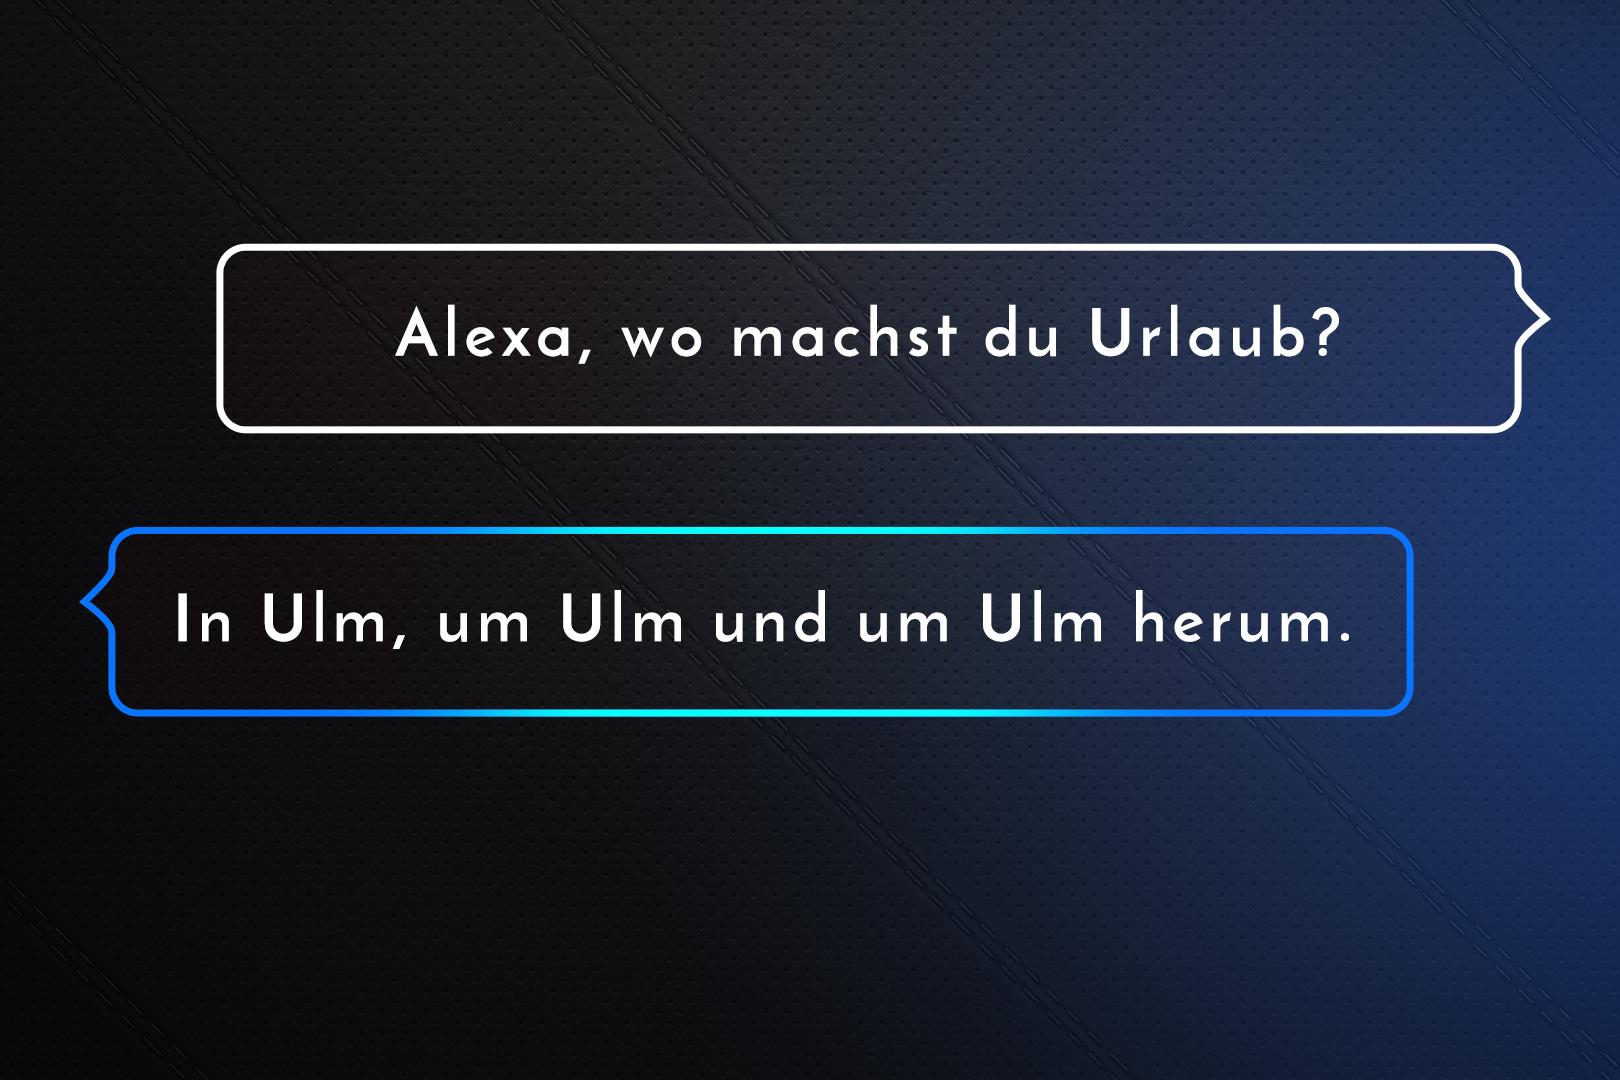 amazon_alexa_img_04.jpg